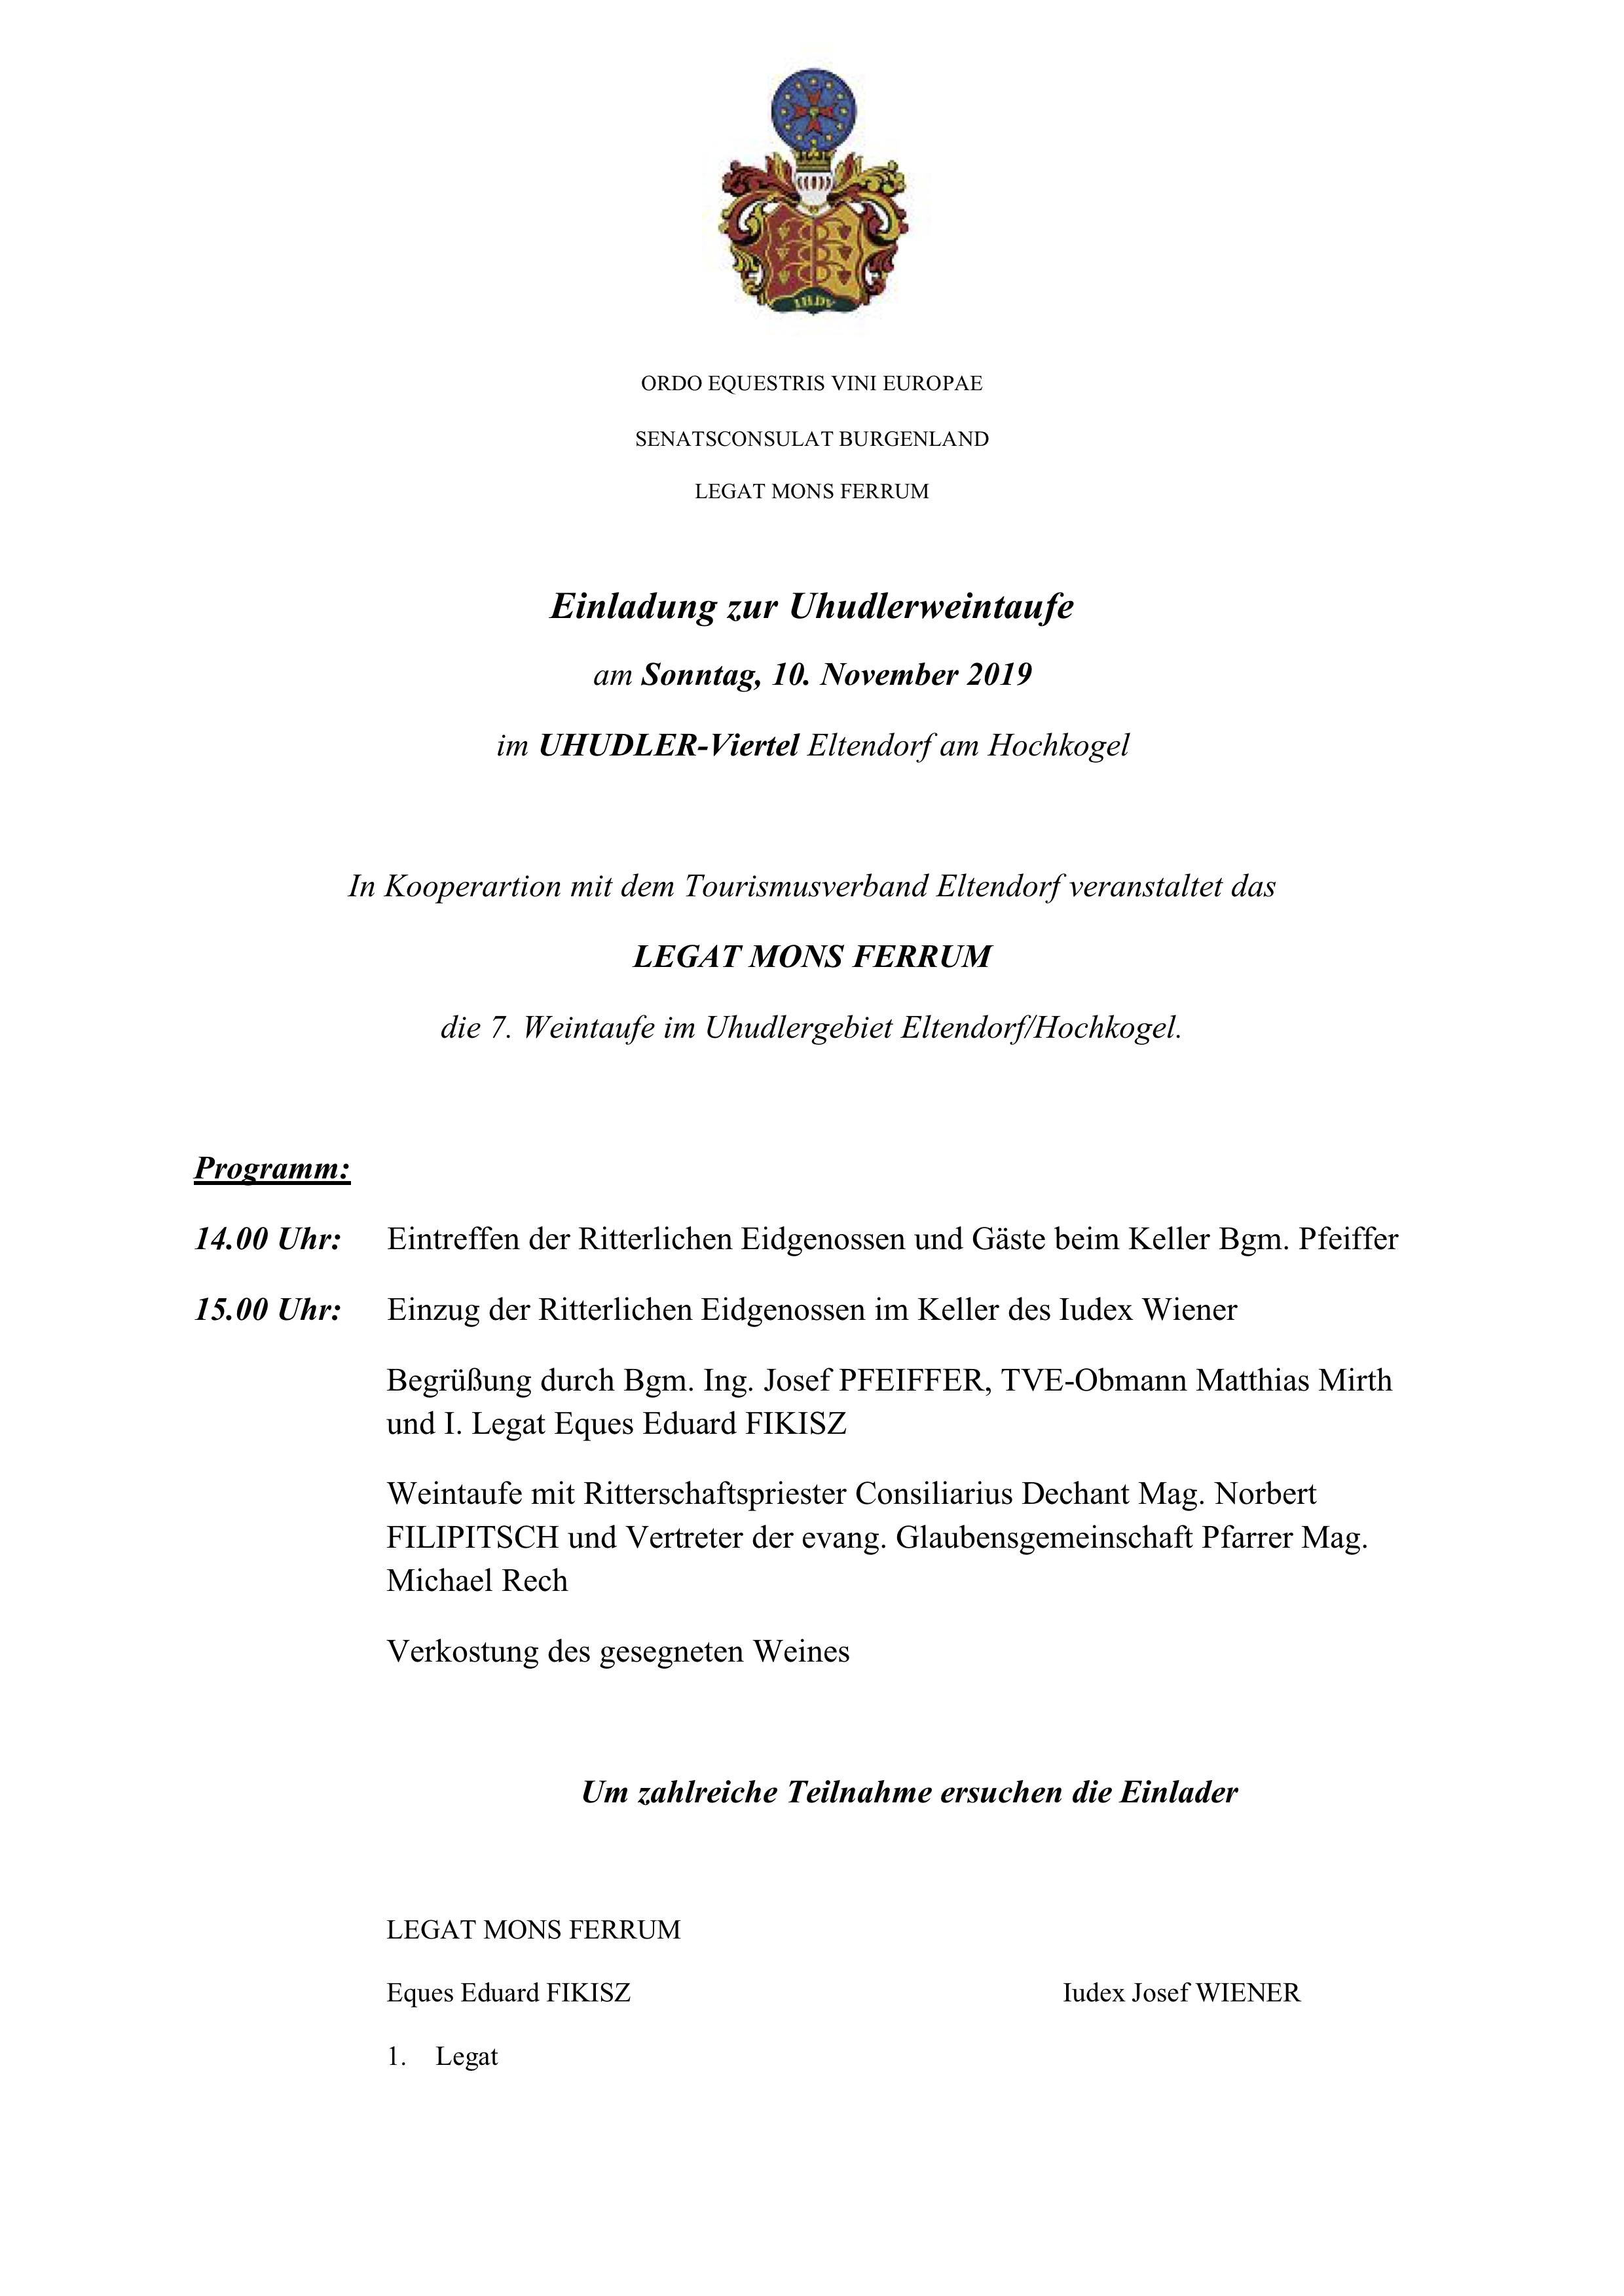 WEINRITTER-Uhudlerweintaufe Eltendorf 10.11.2019-Einladung